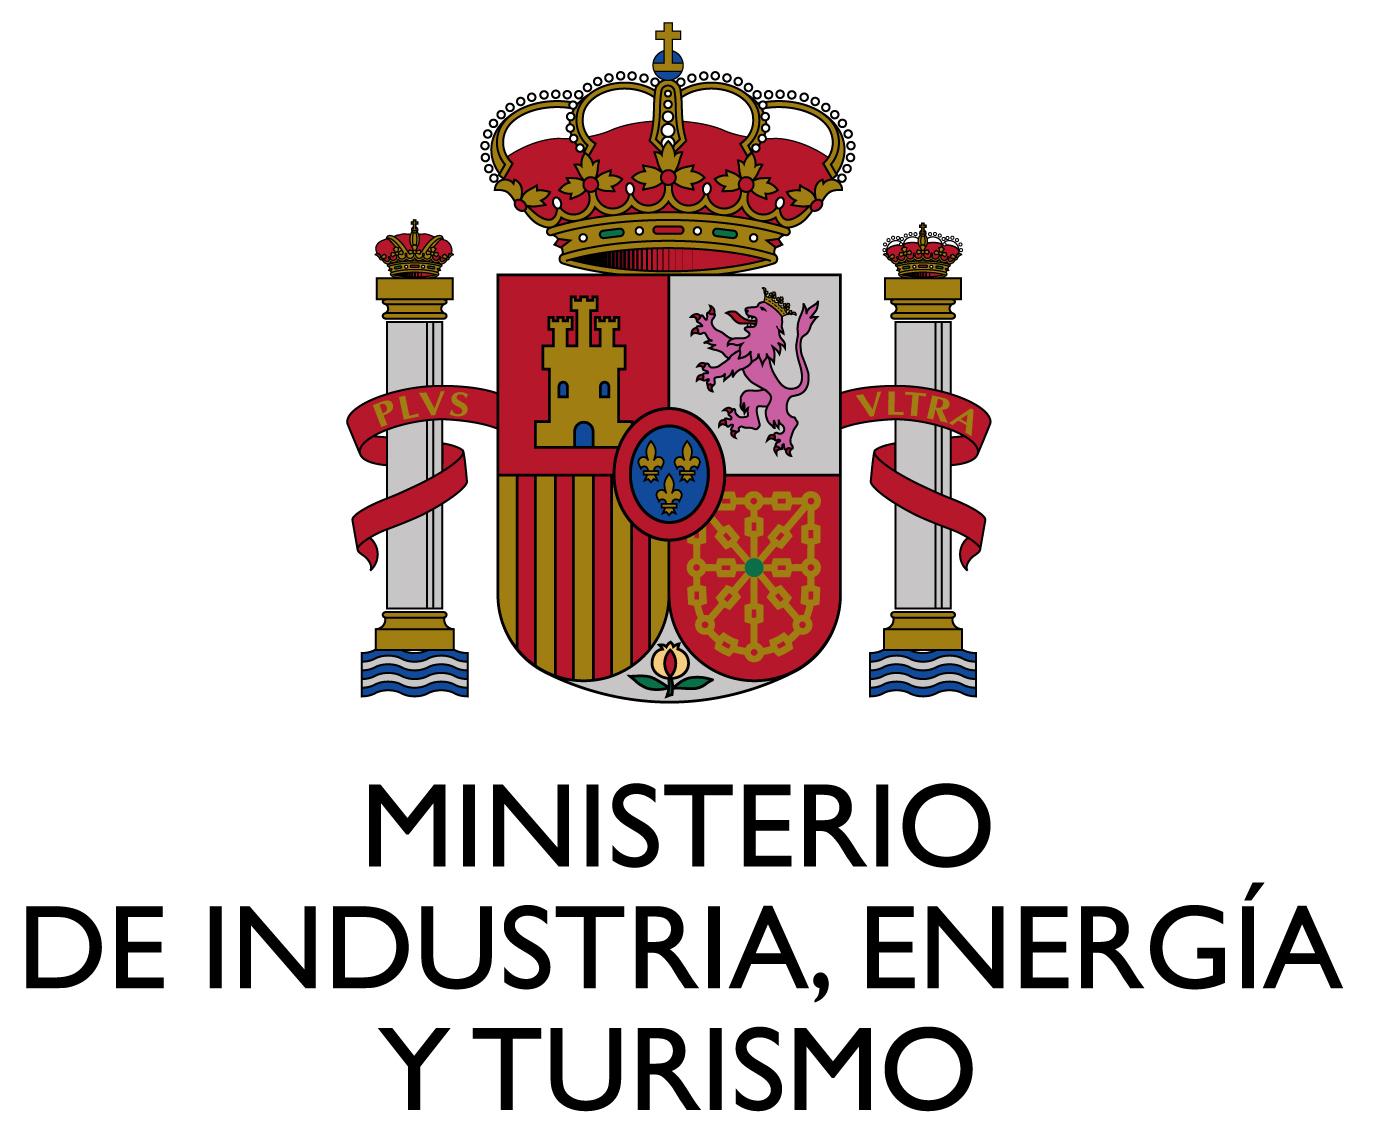 Ministerio de Energía, Industria y Turismo